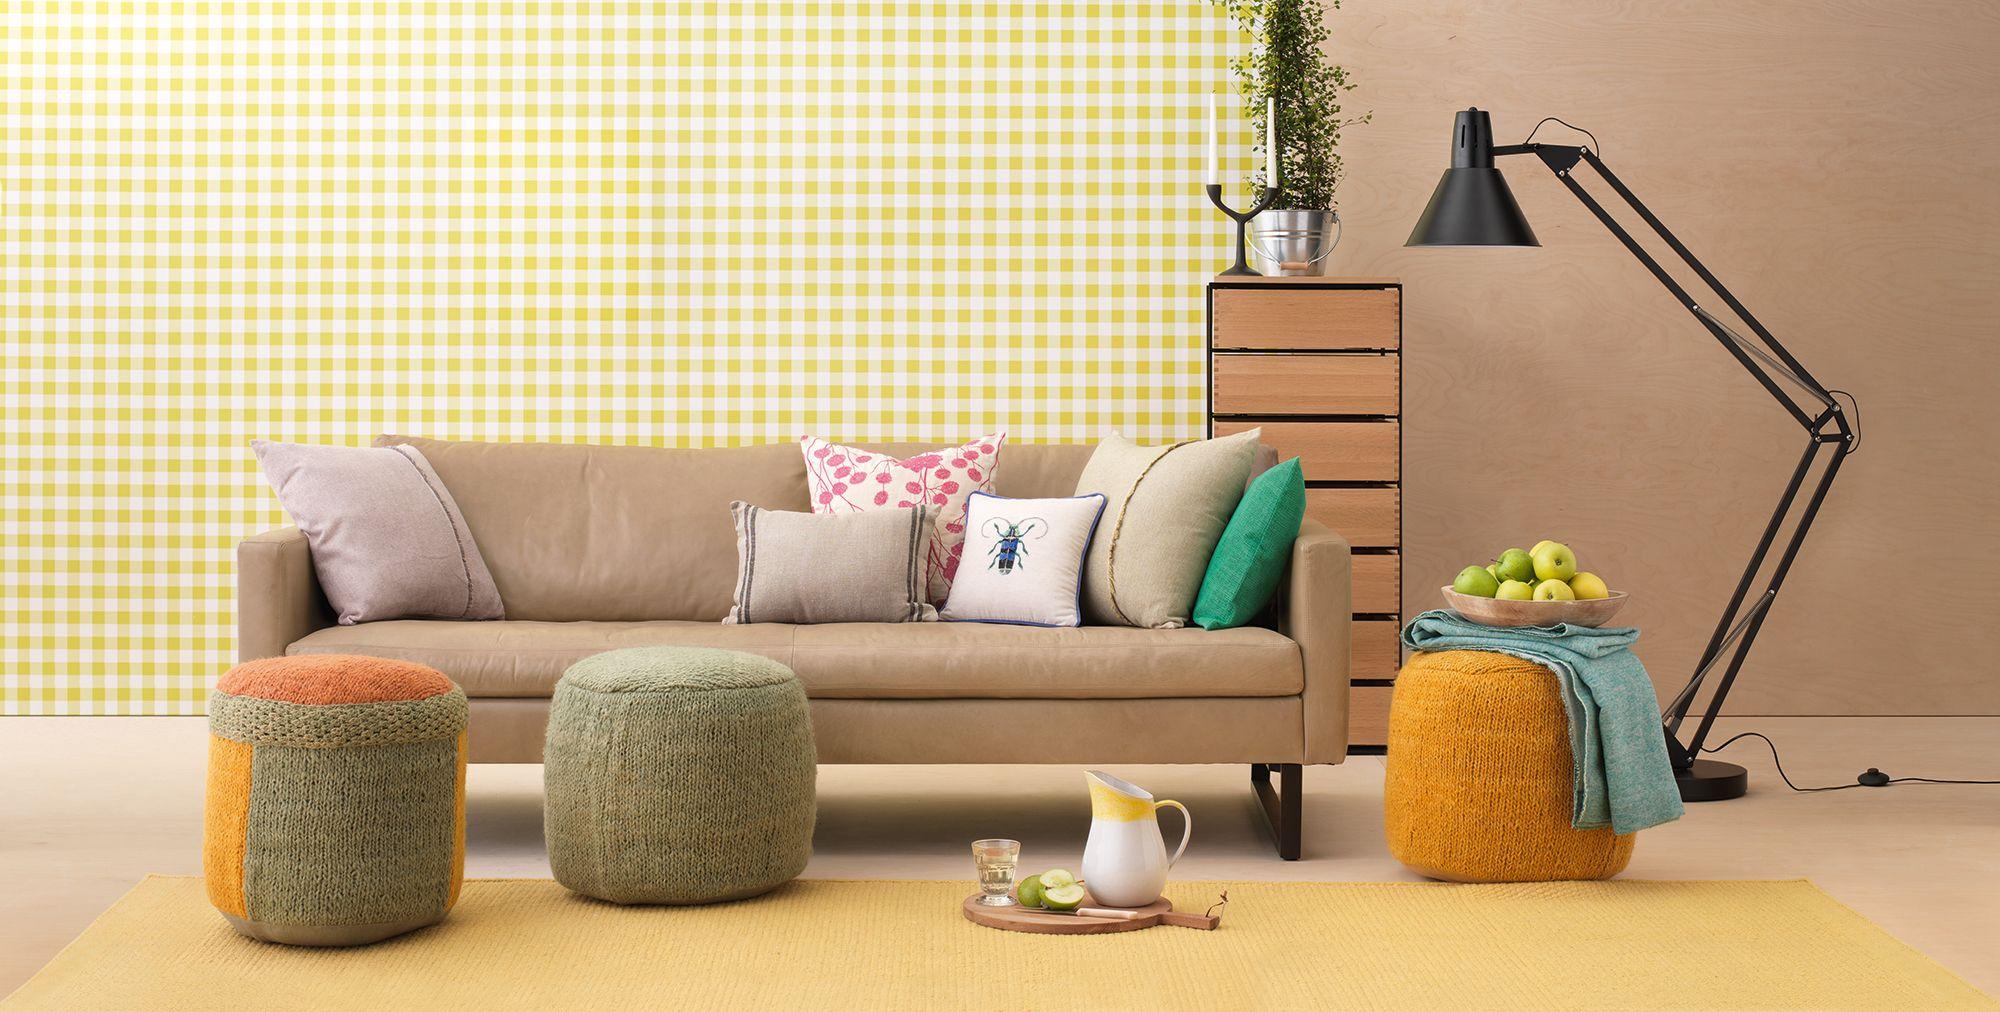 Das INDIANA Sofa ist neu bei uns Die gestrickten Hocker geben den